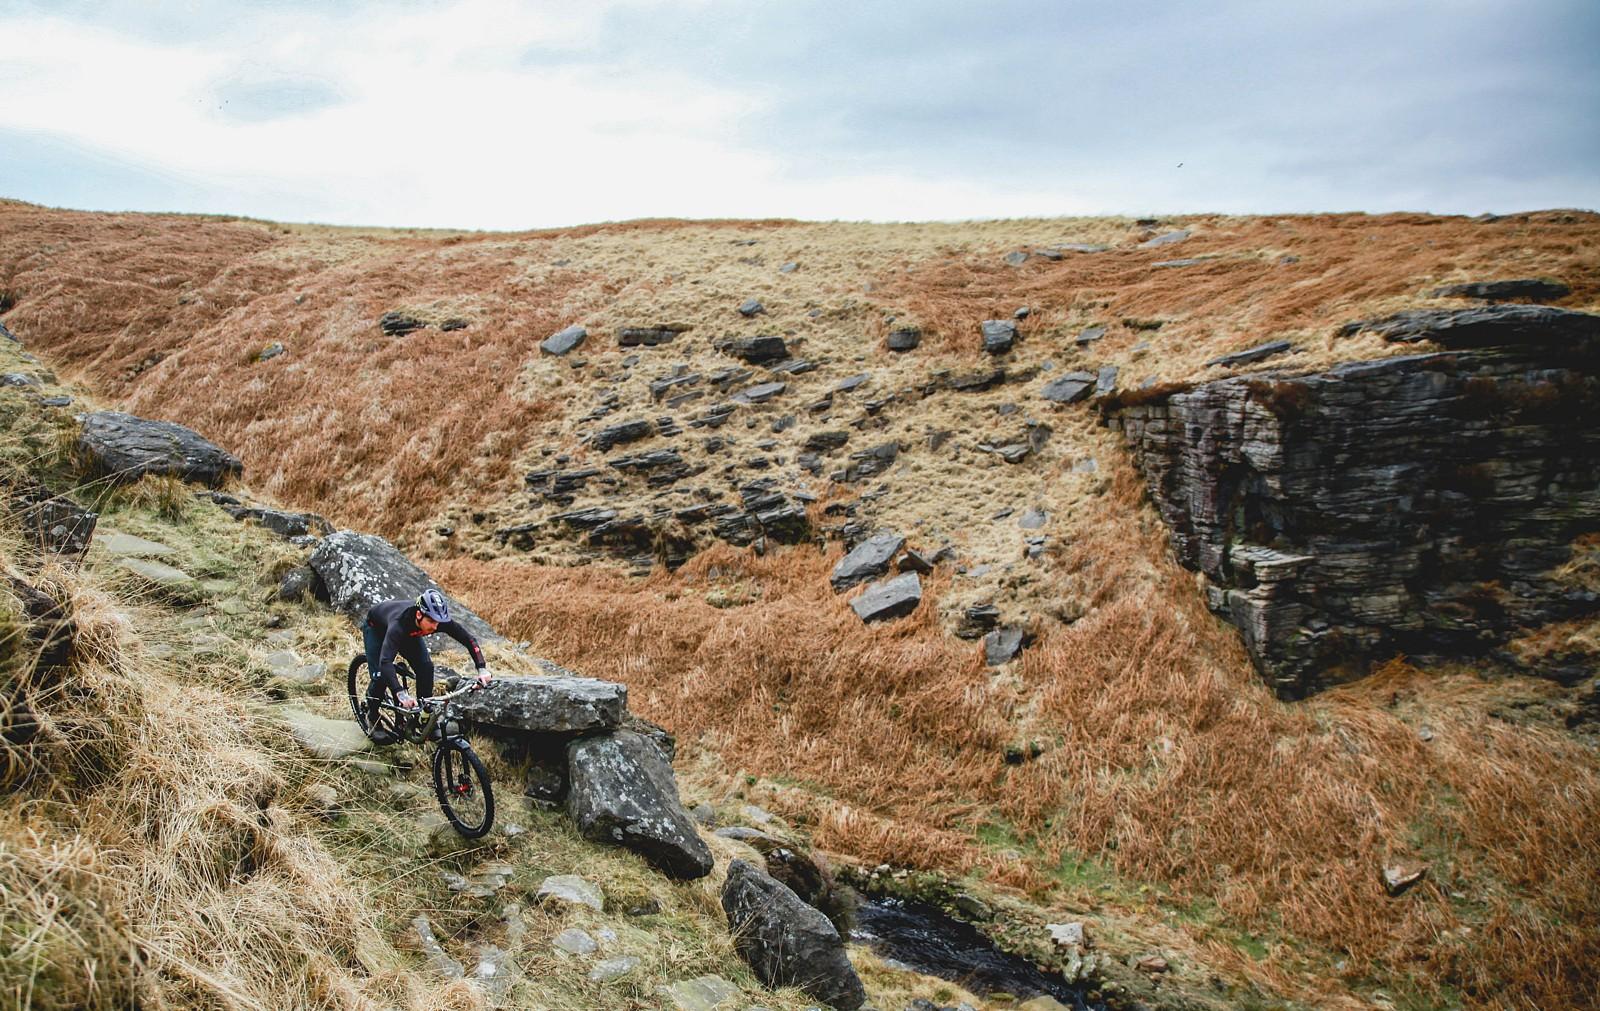 IMG 0566 - Mushrum - Mountain Biking Pictures - Vital MTB